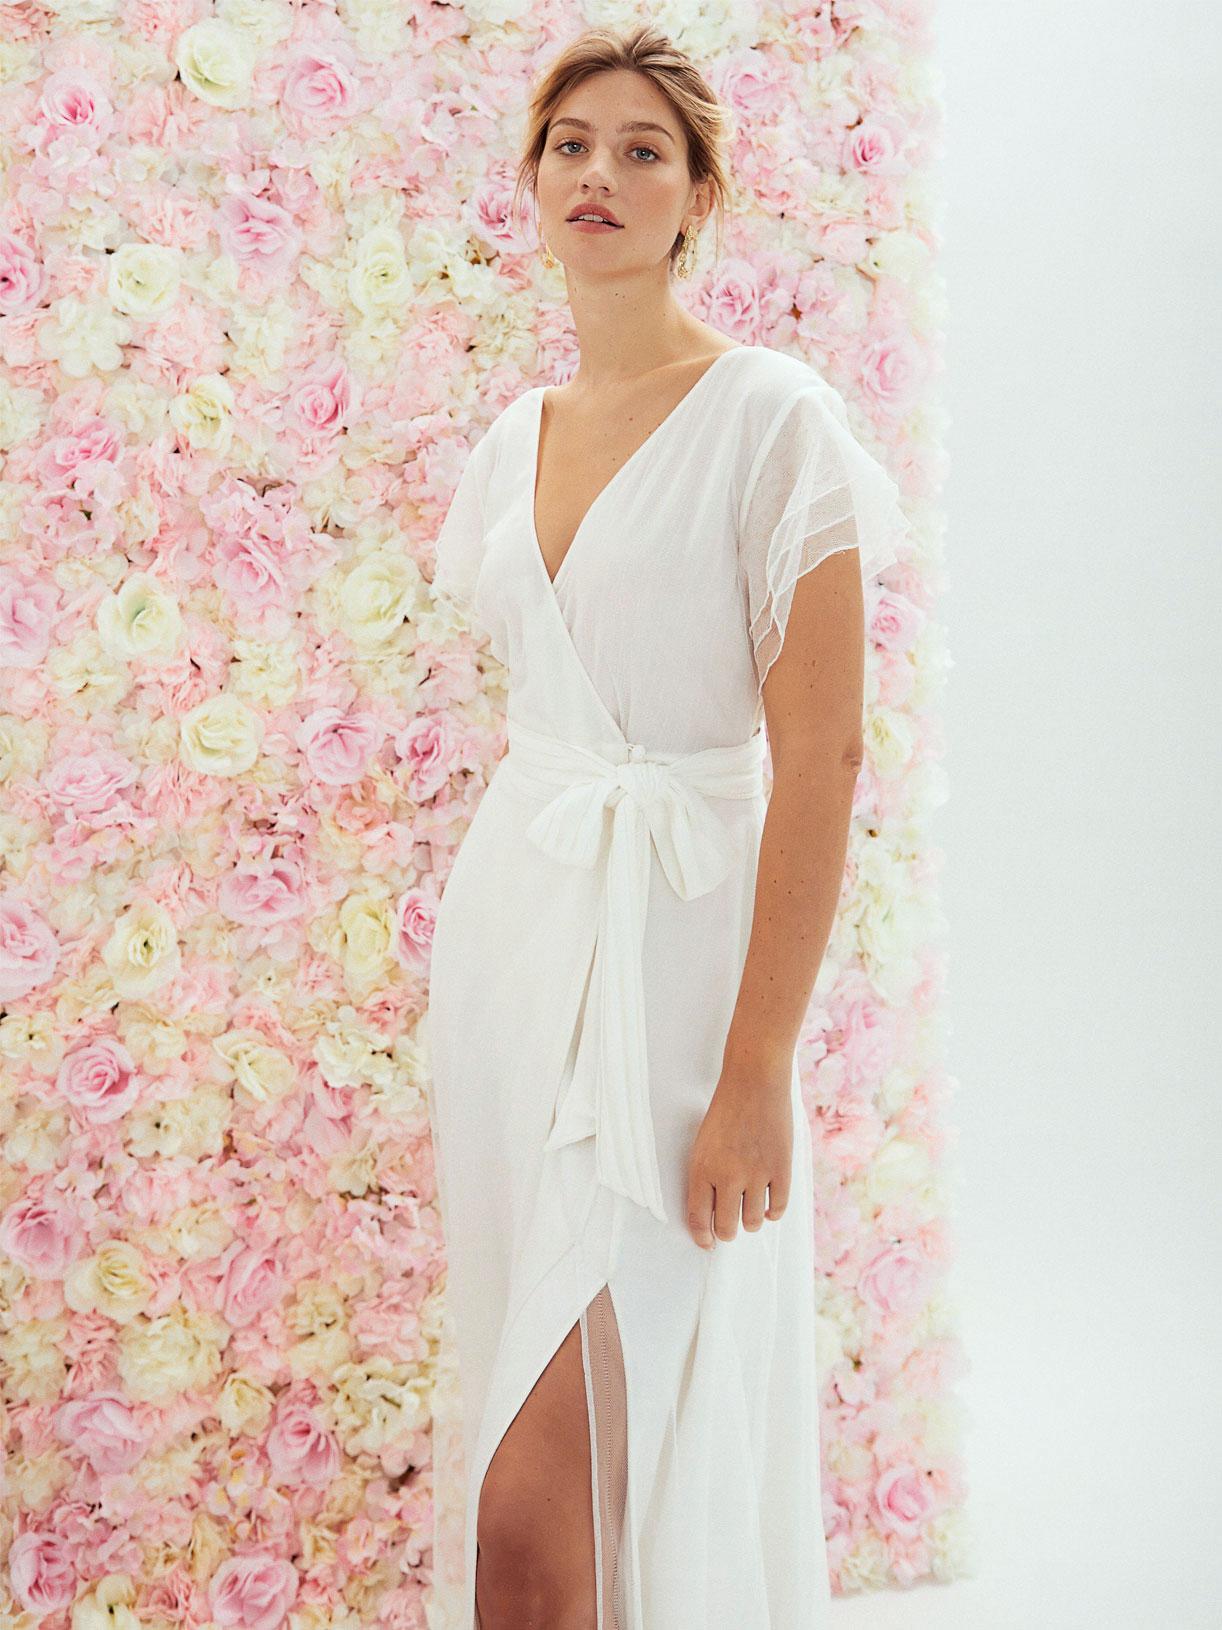 Robe de mariee dos nu portefeuille cache-coeur fendue boheme ecoresponsable - Creatrice de robe de mariée éthique et écoresponsable a Paris - Myphilosophy